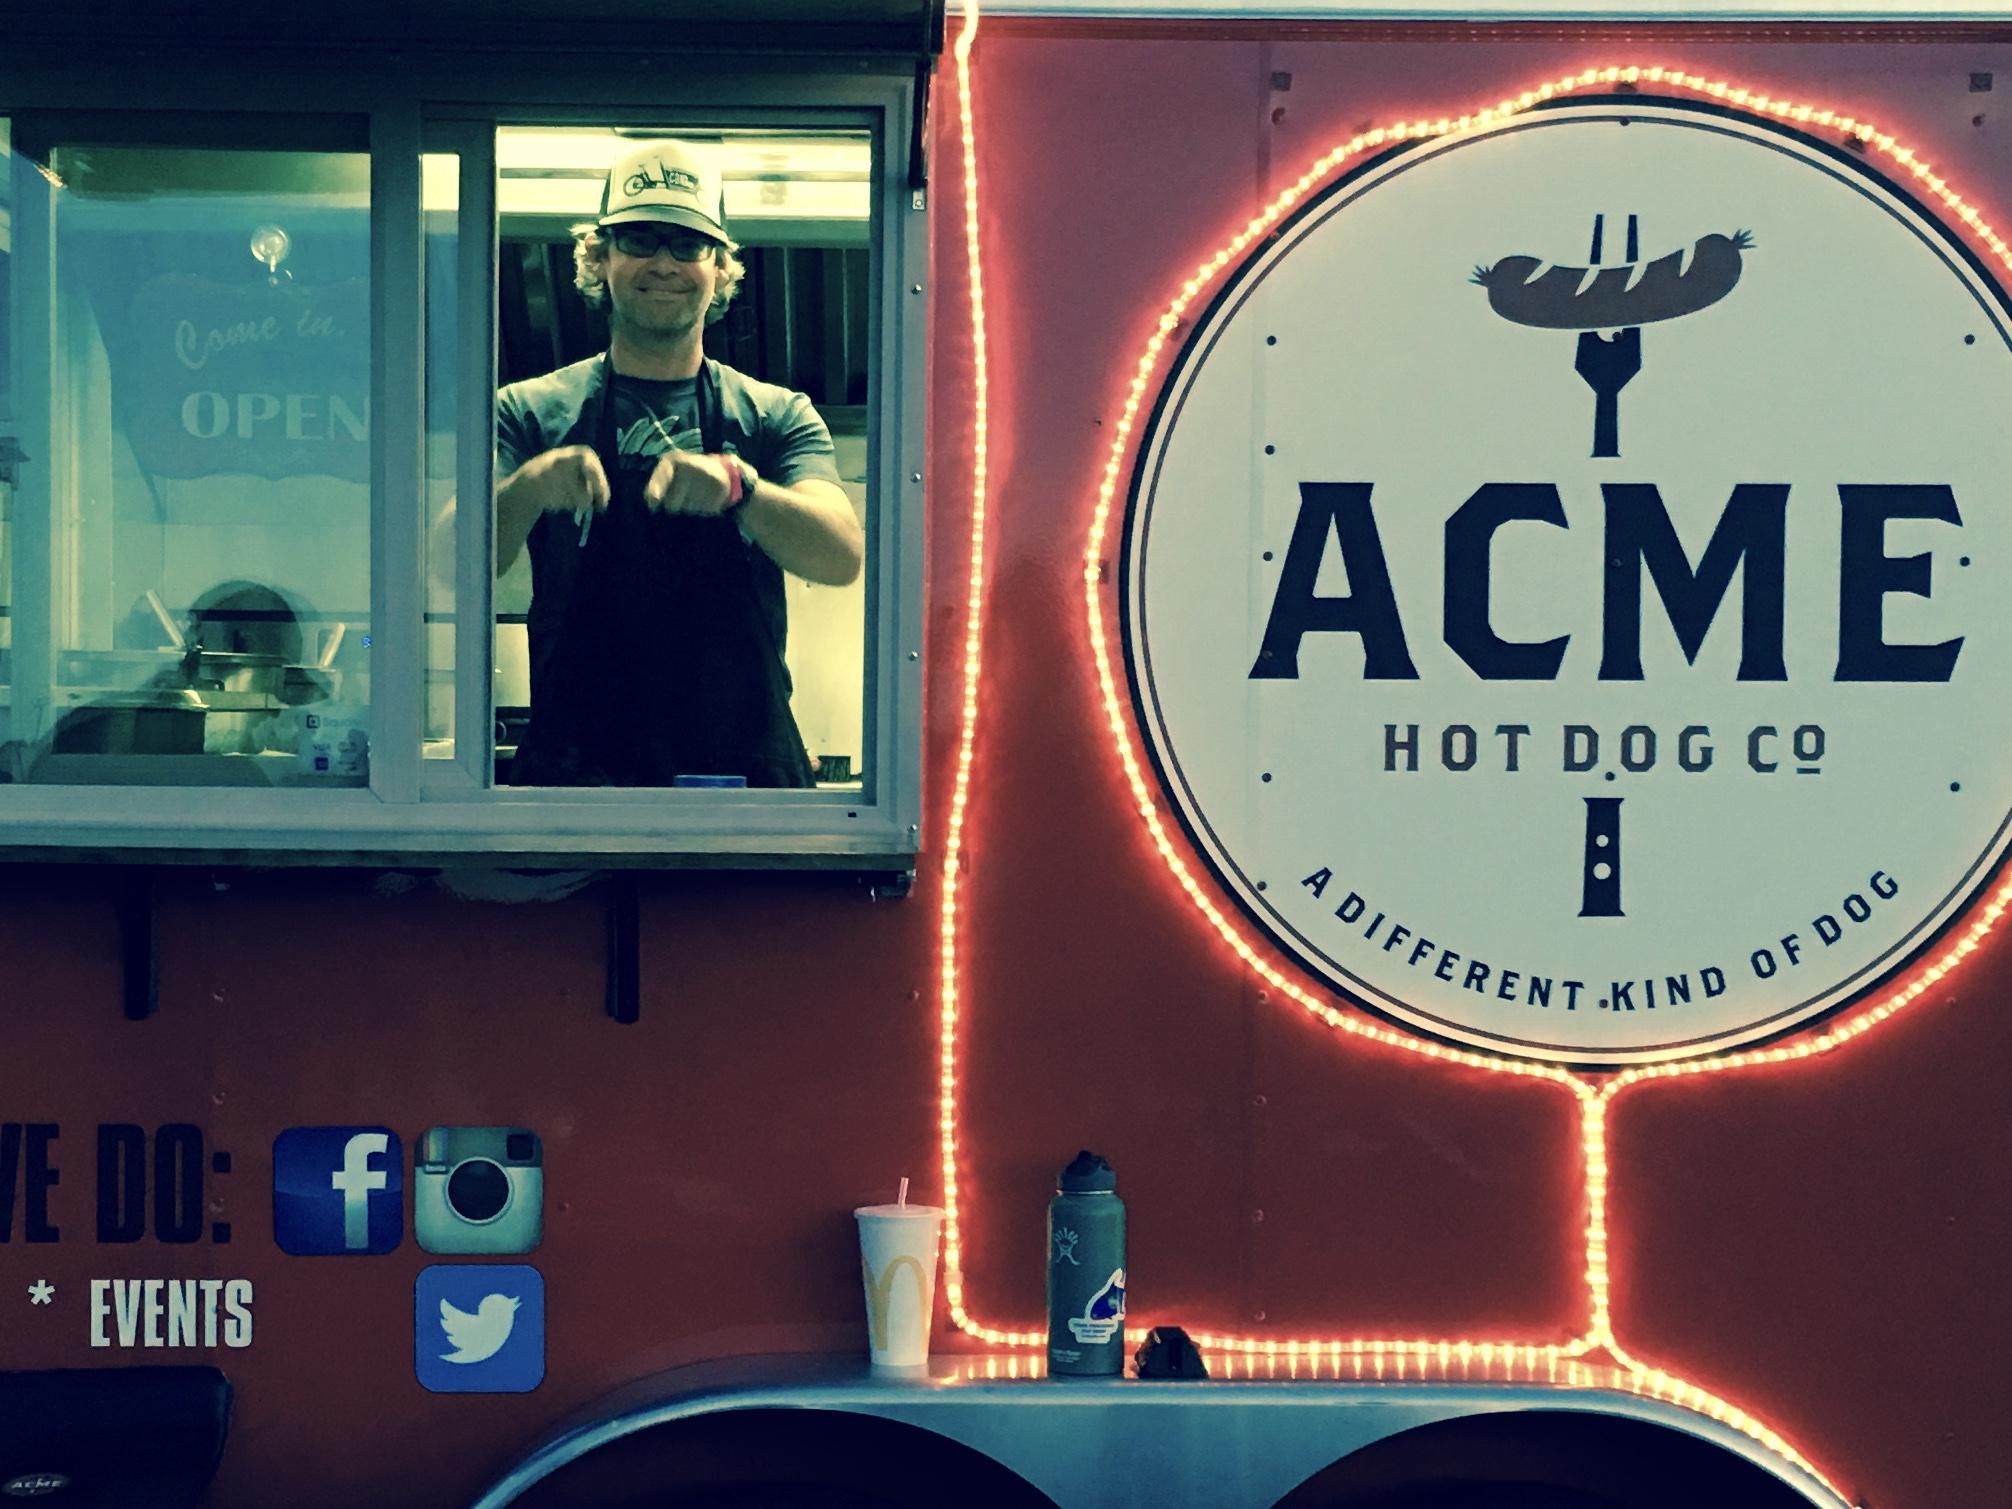 ACME Hot Dog